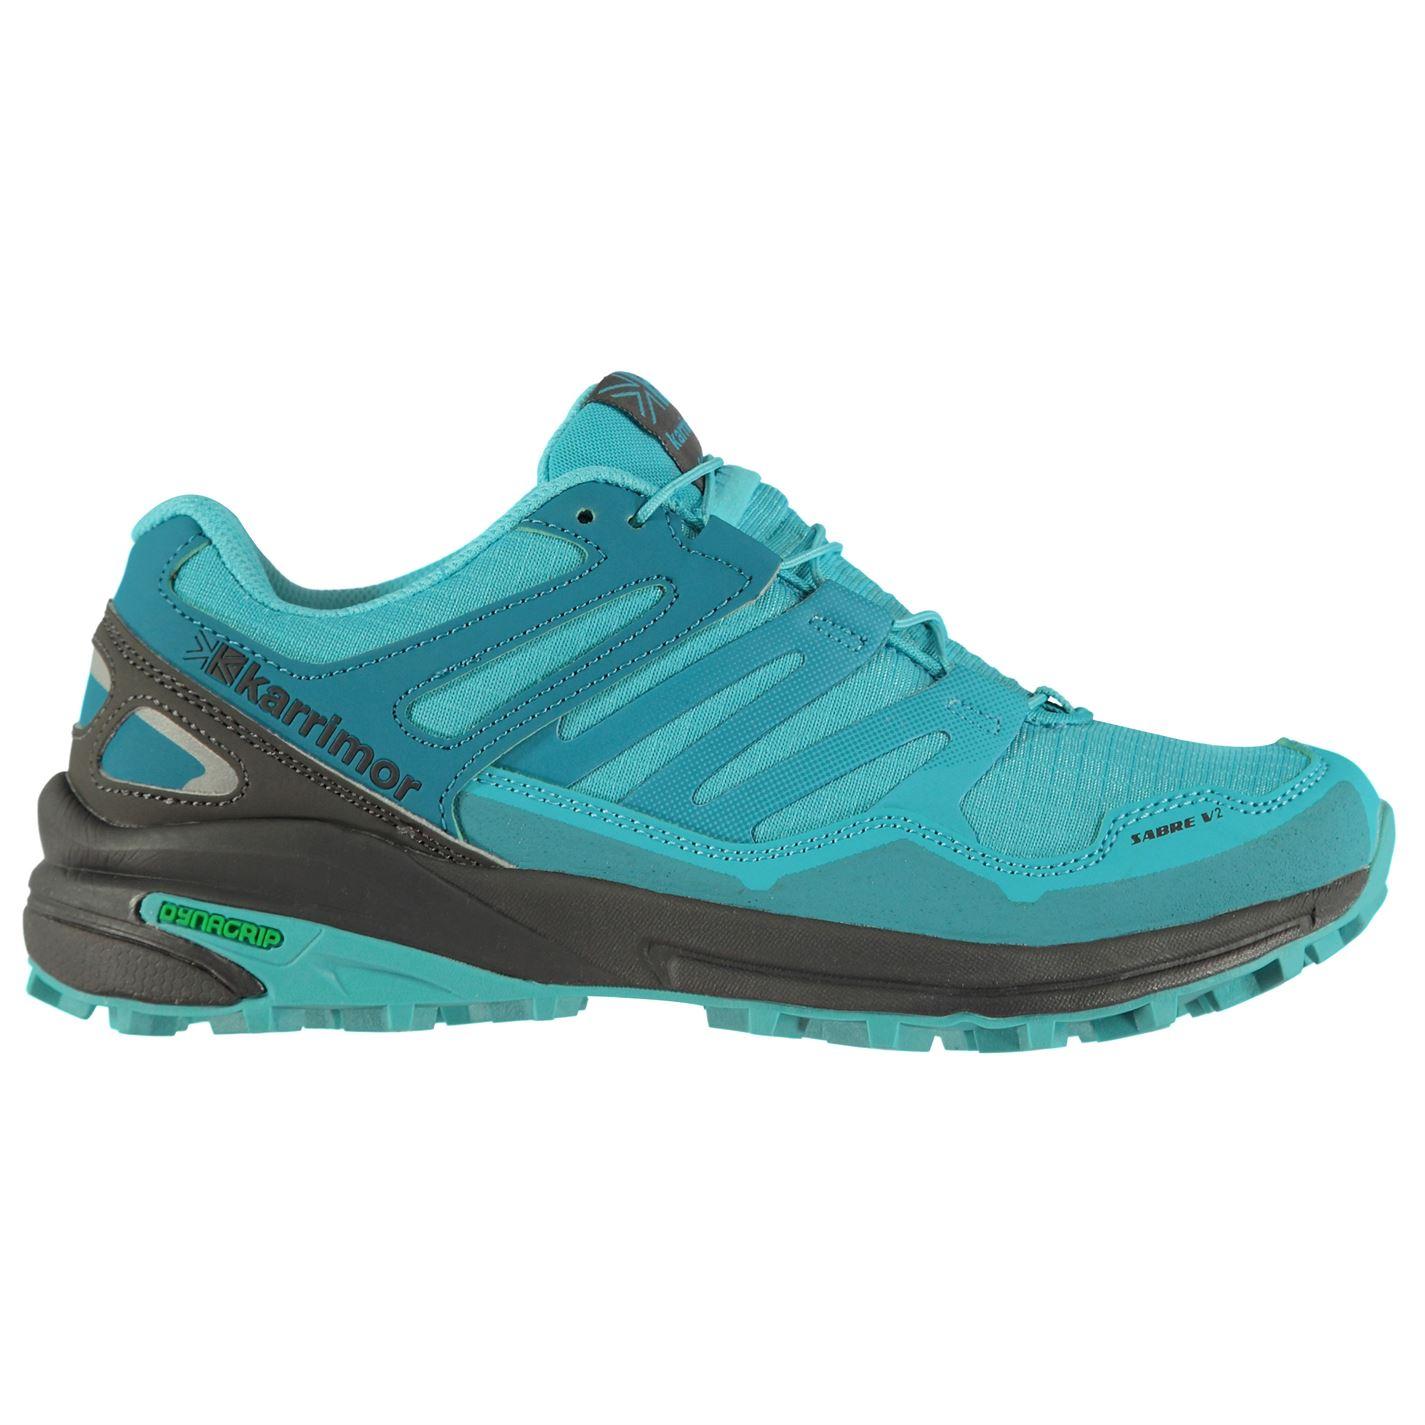 Karrimor Sabre 2 dámské běžecká obuv